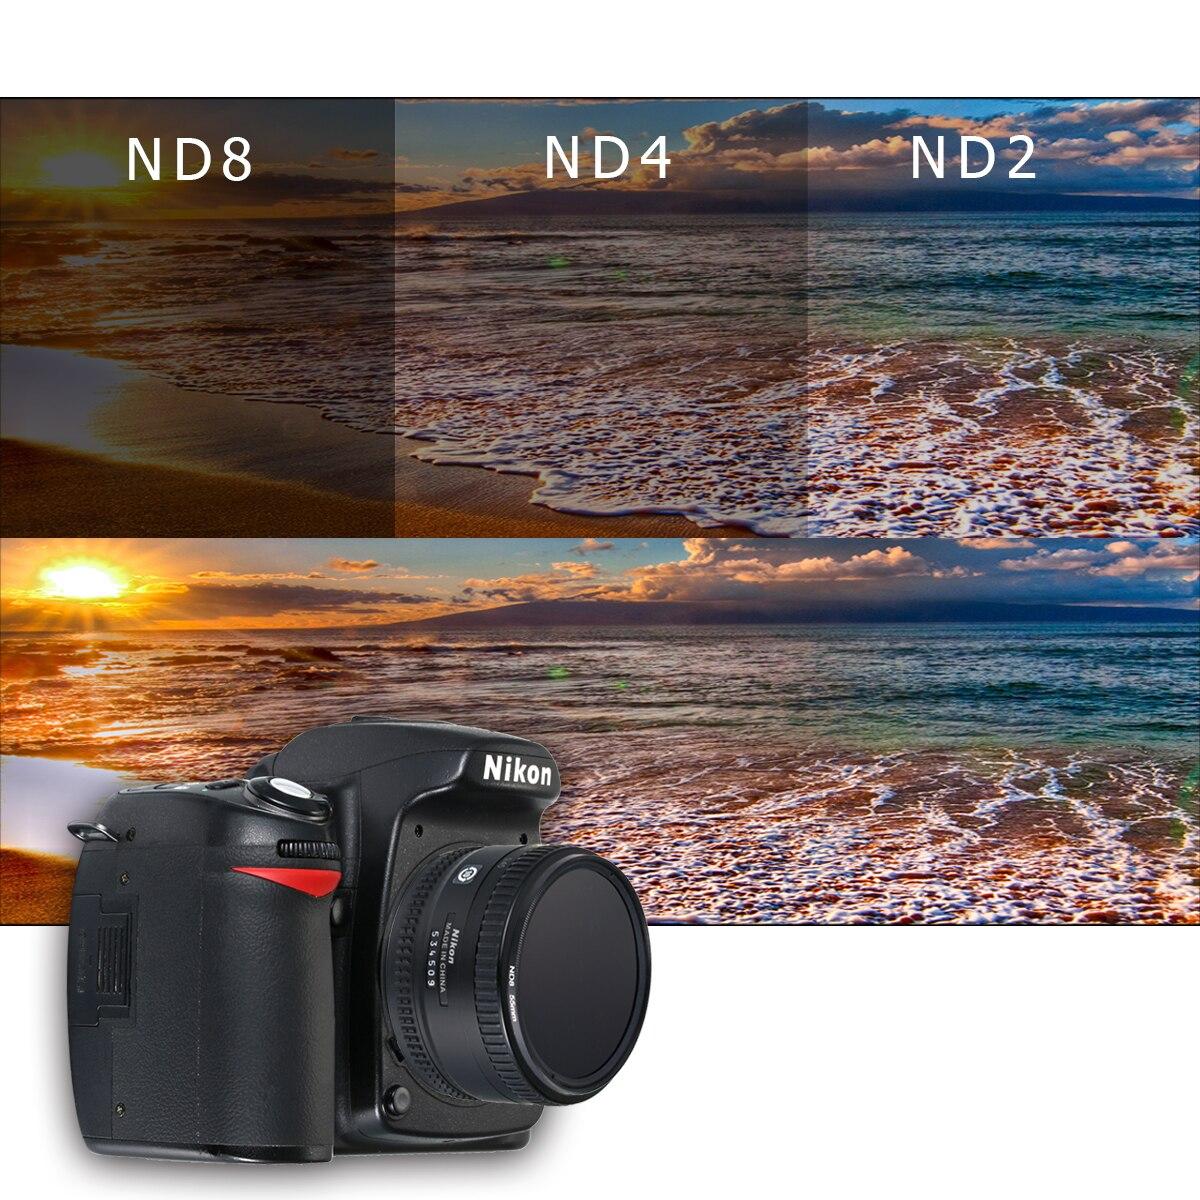 что значит фильтры на фото срисовывать эти картинки